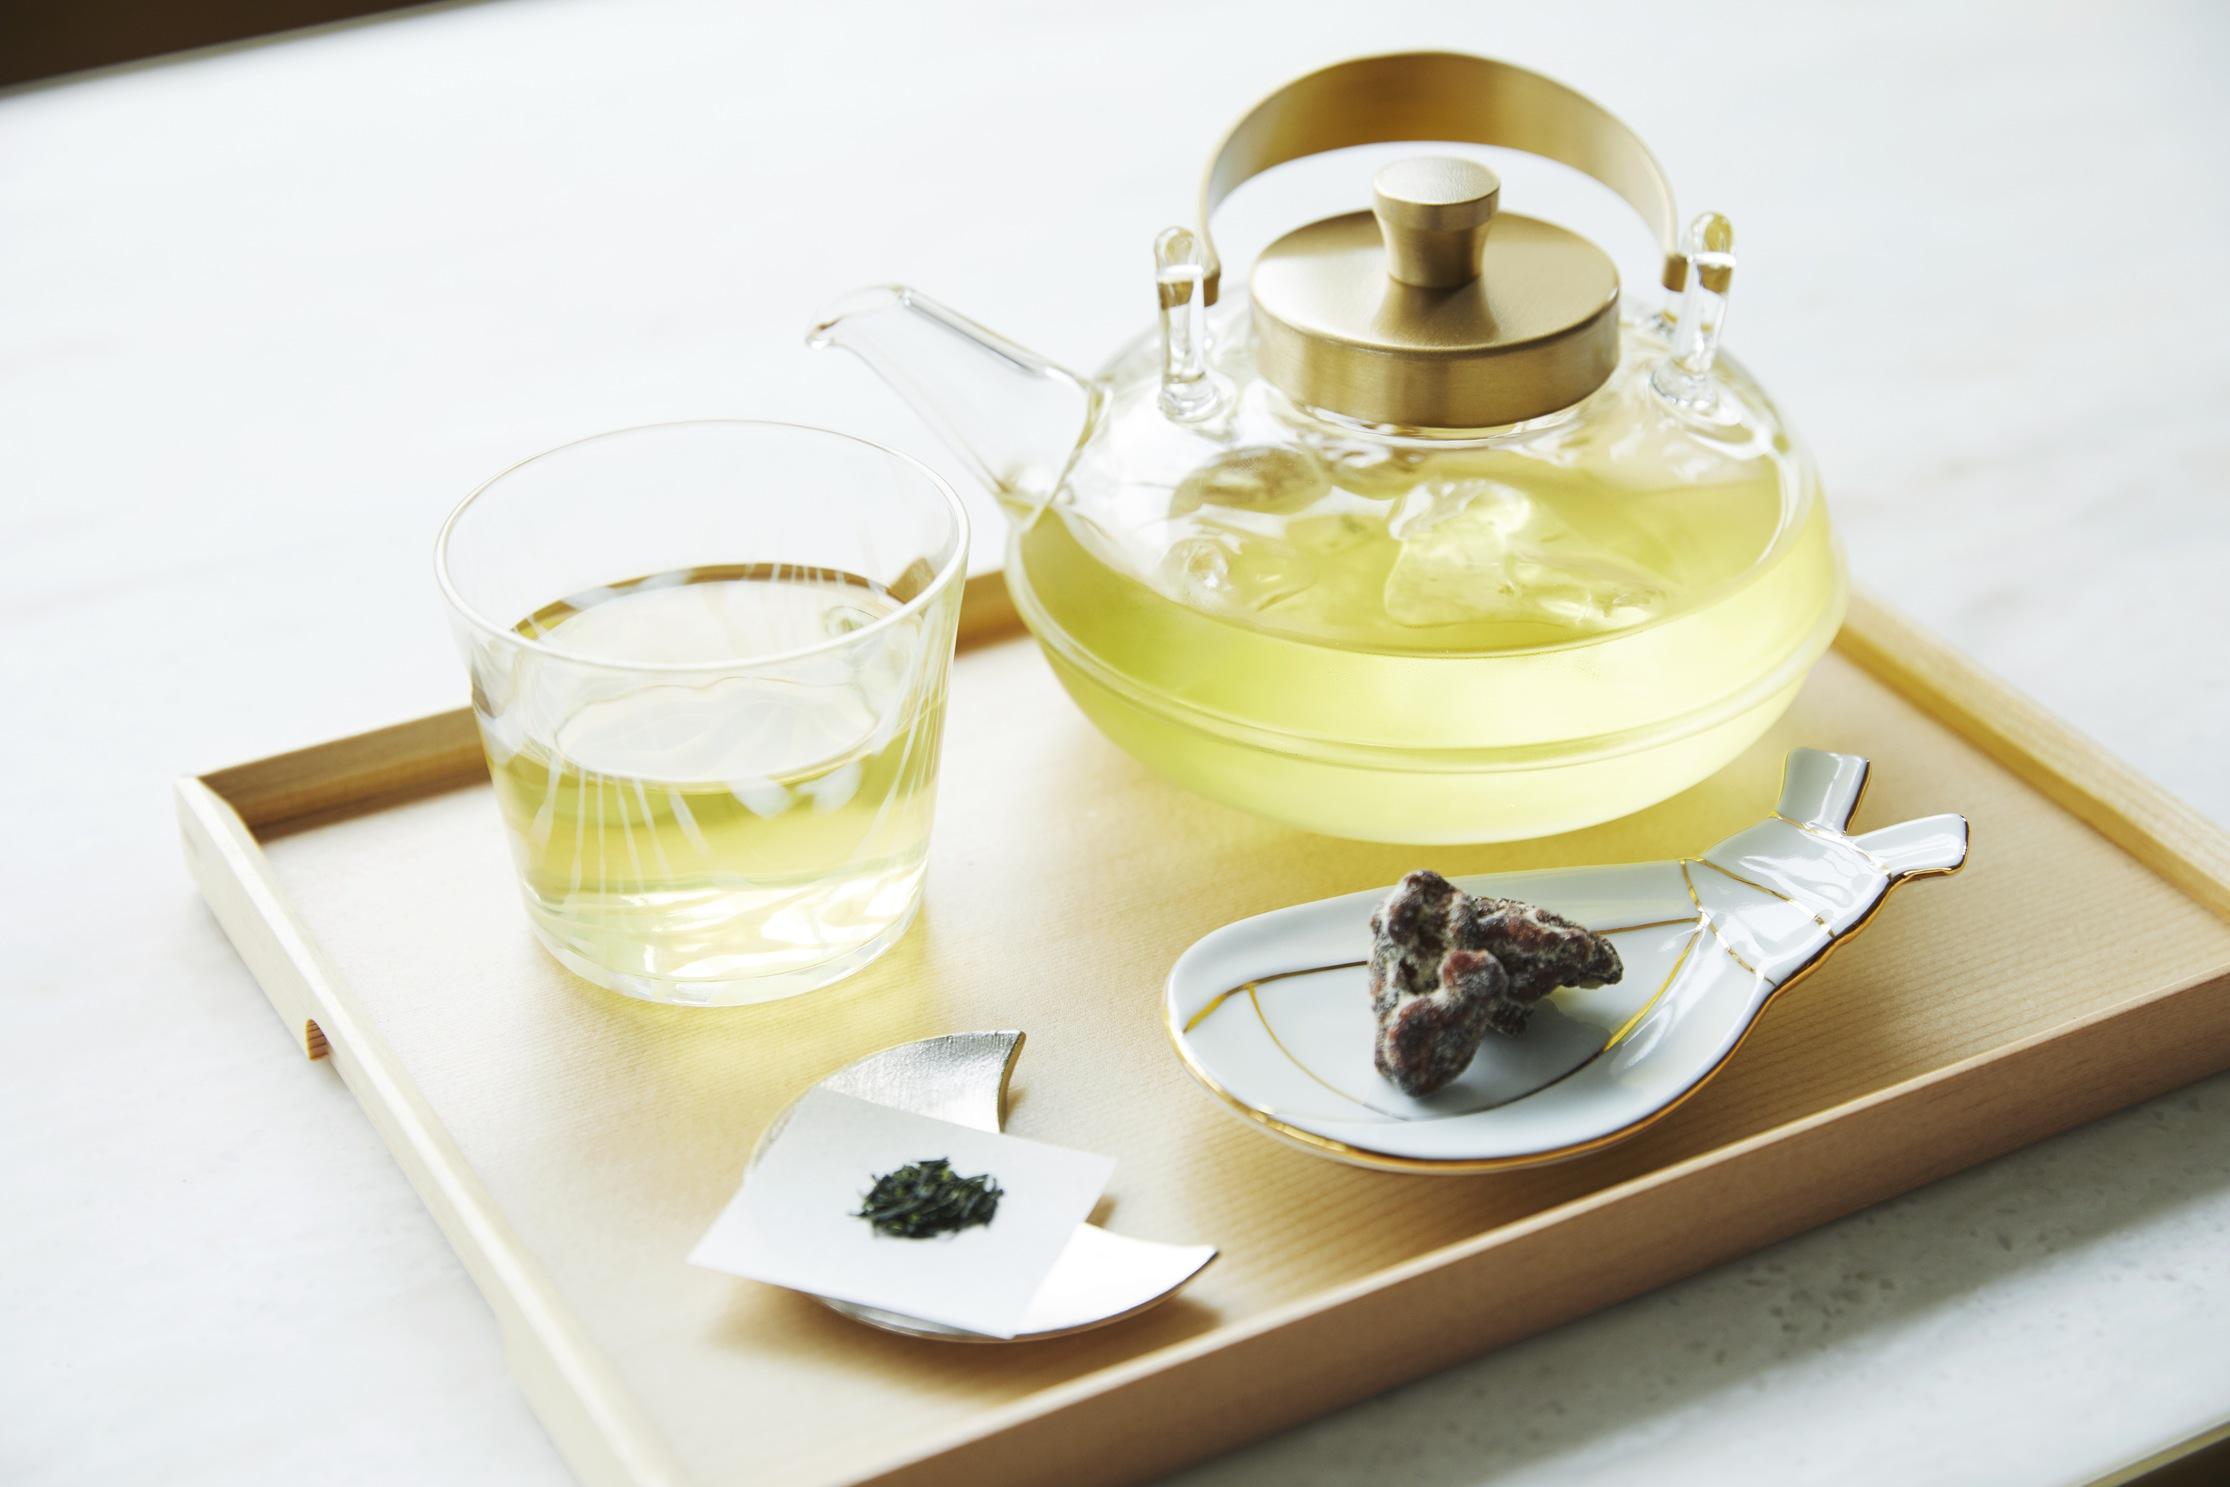 【MONday Living】では、セルフサービスでコーヒー・緑茶・お水を提供しております。